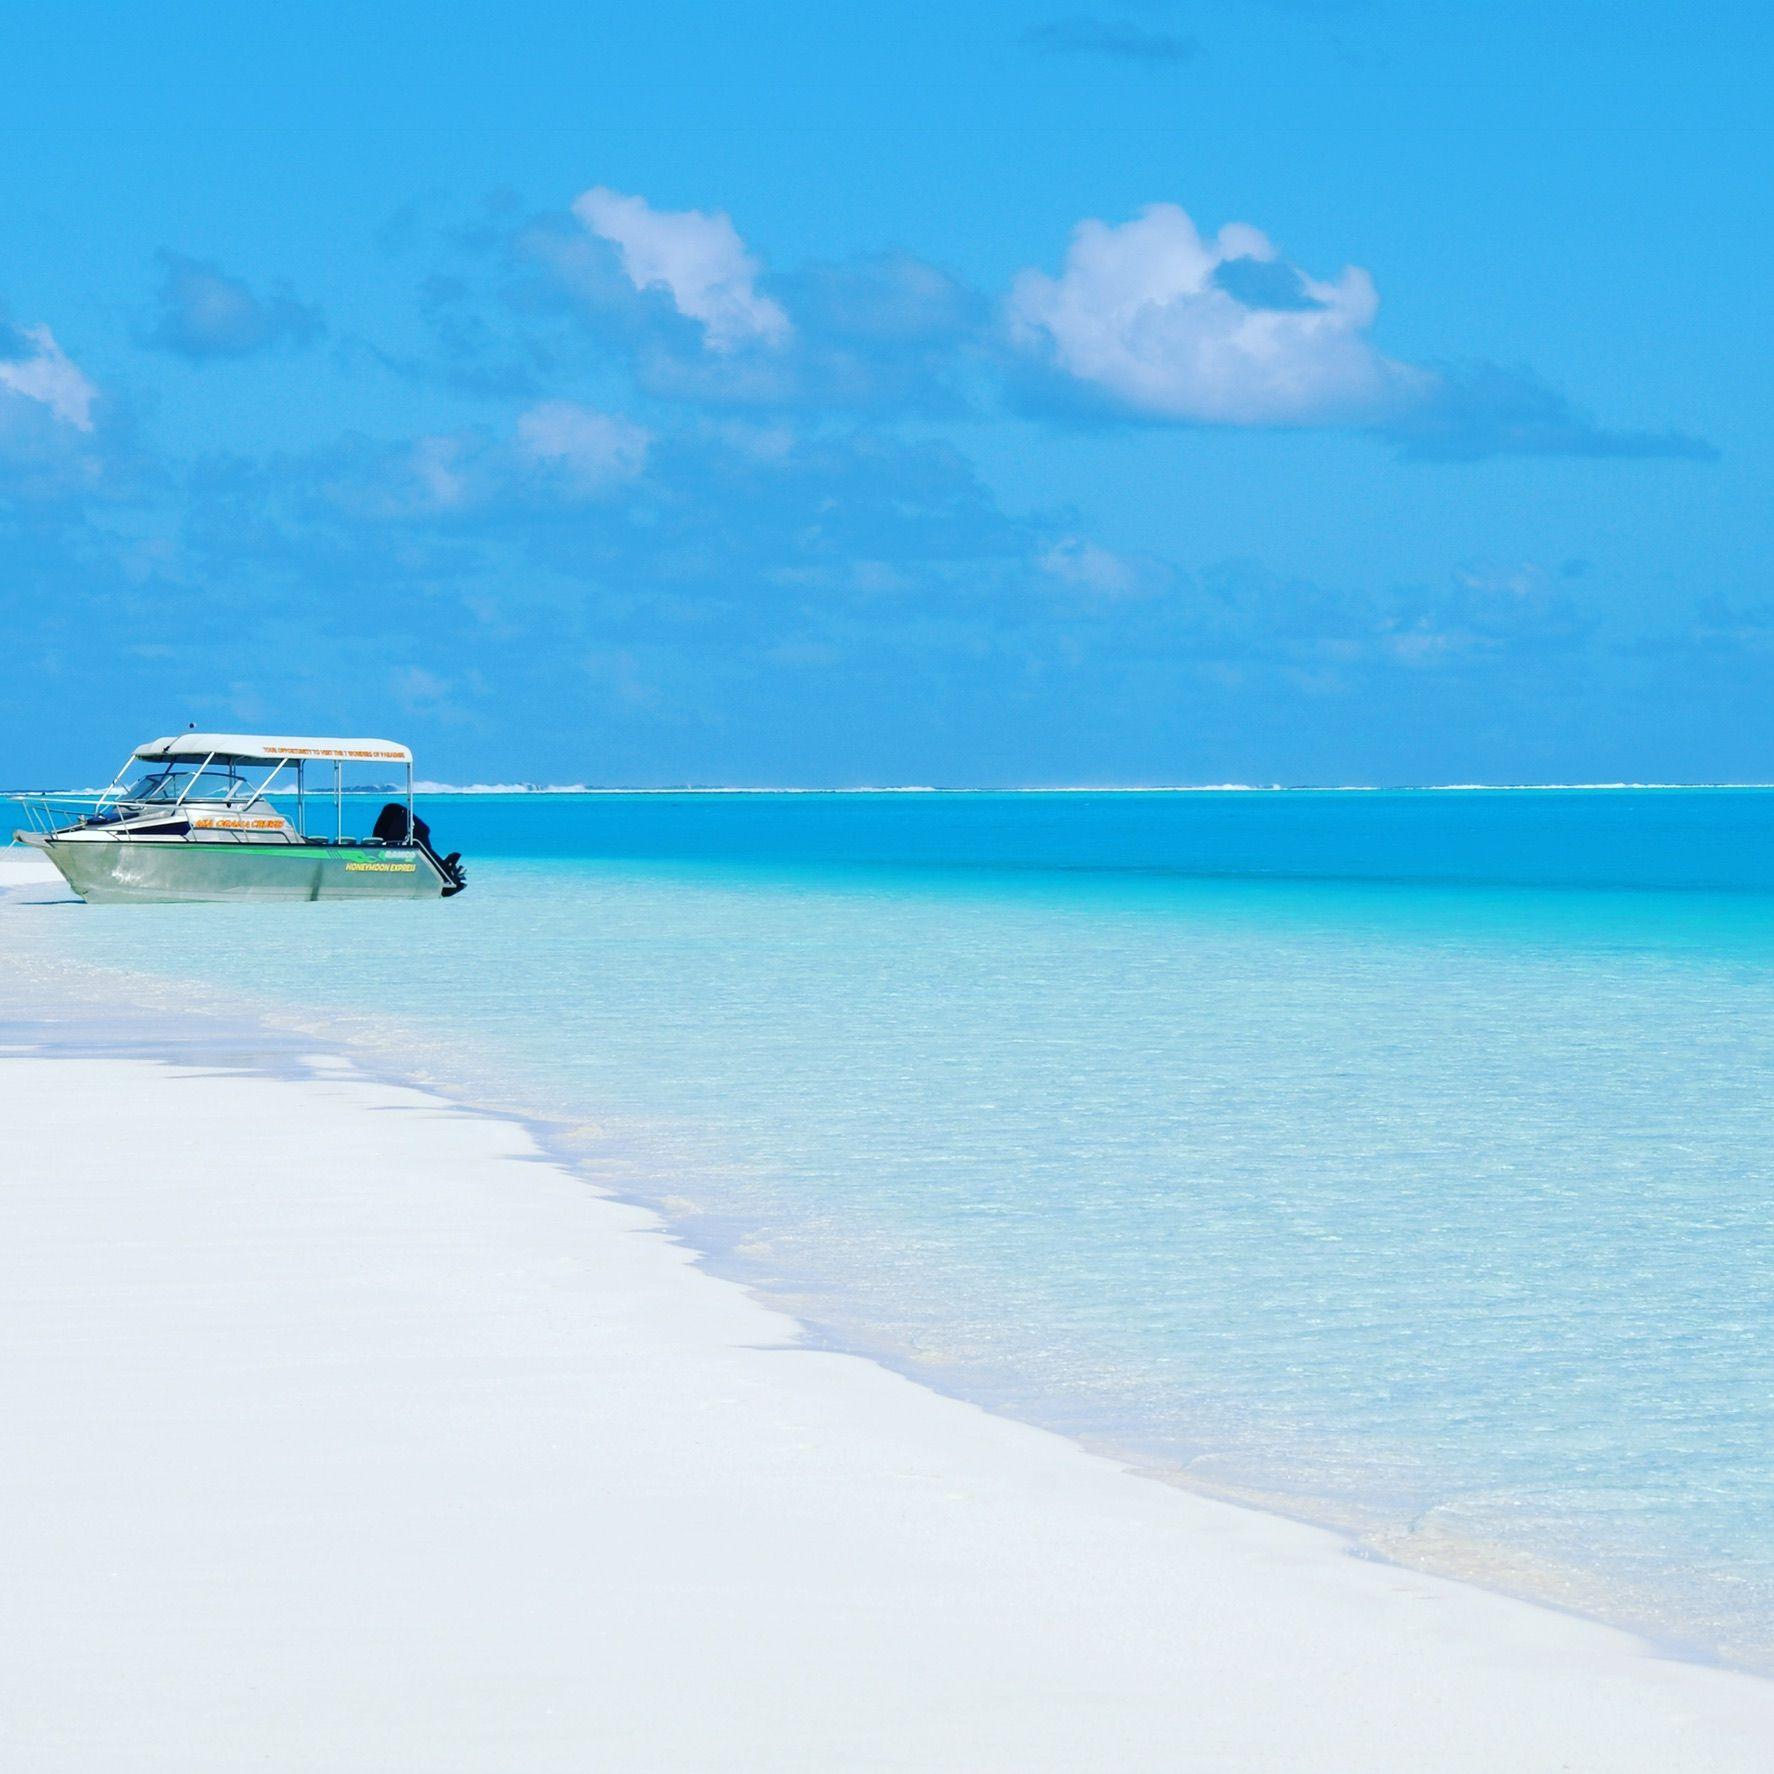 Cook Islands Best Beaches: Aitutaki Lagoon, Cook Islands